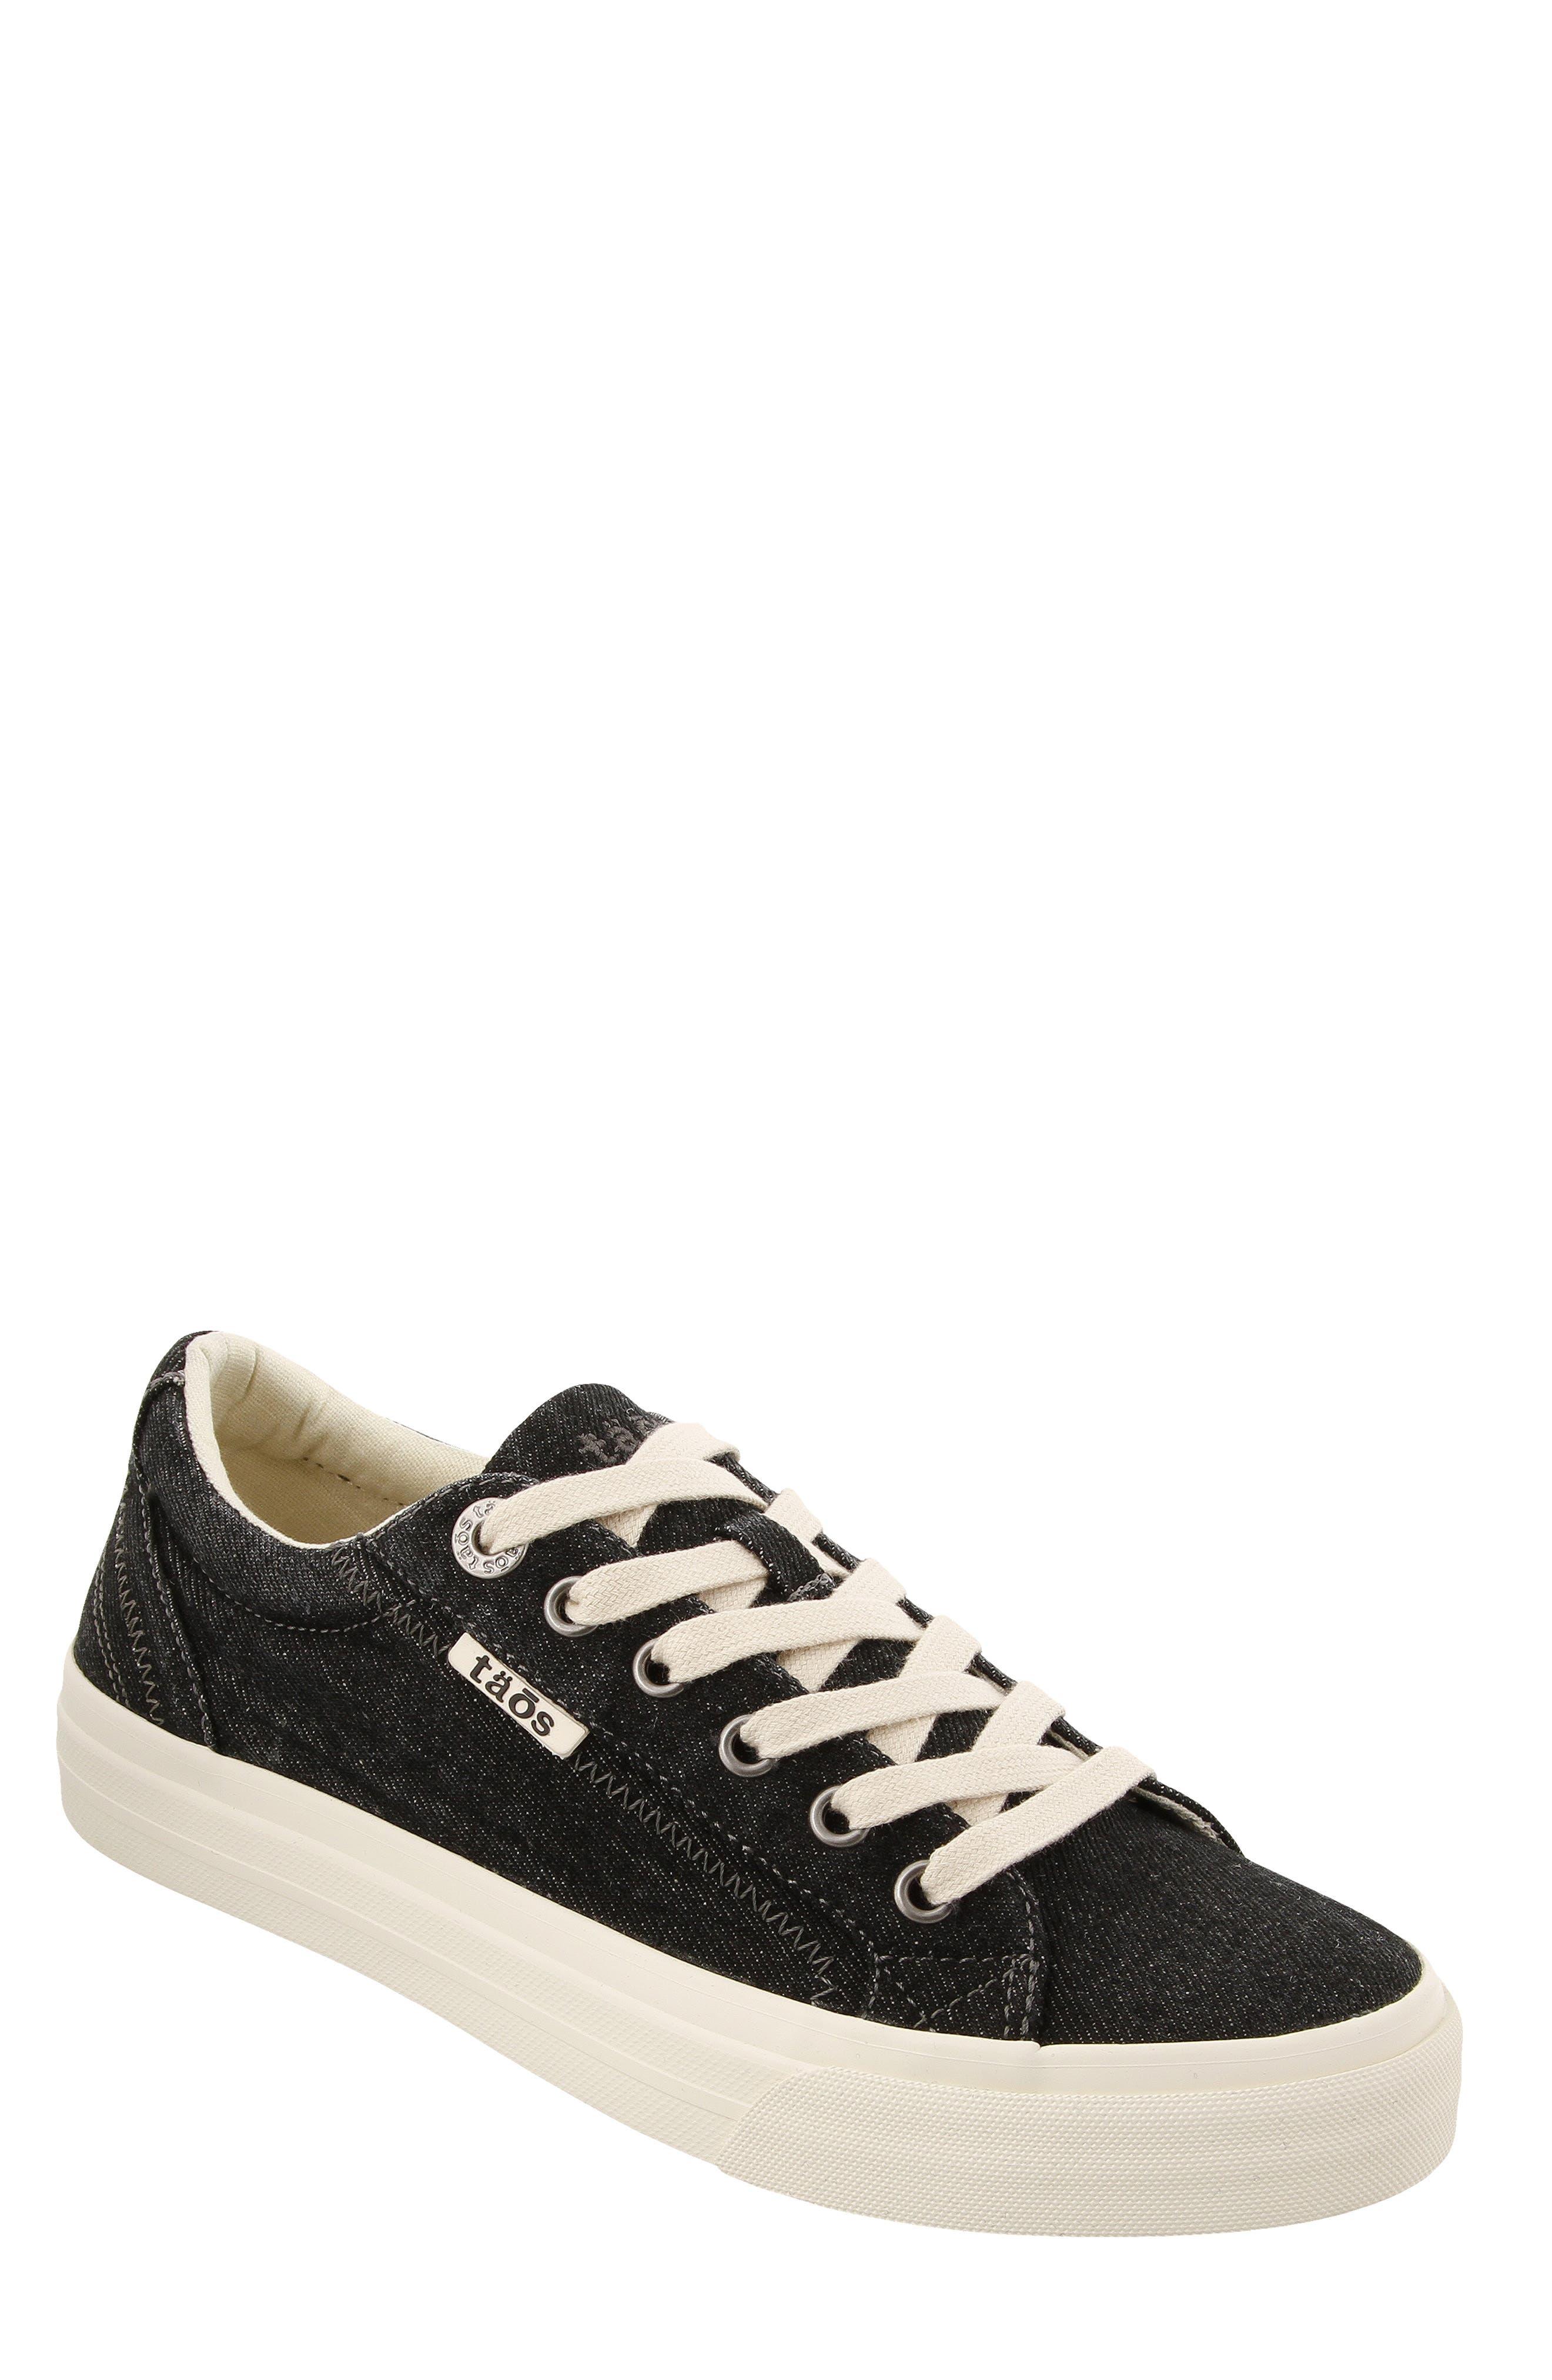 Plim Soul Sneaker,                         Main,                         color, BLACK DENIM FABRIC